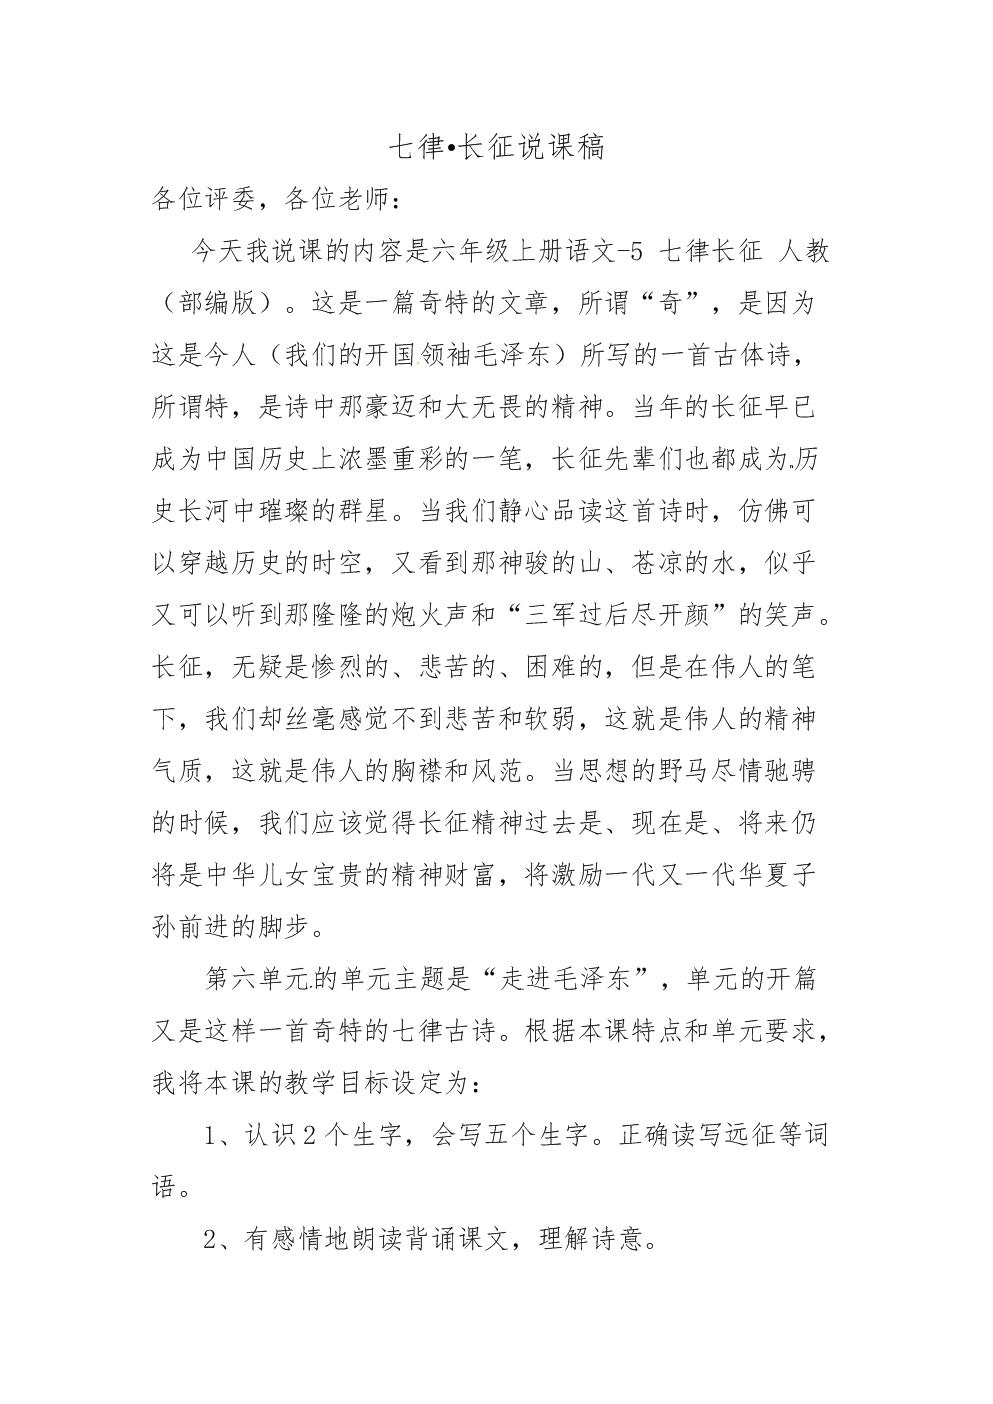 六年级上册语文说课稿-5 七律长征 人教(部编版).doc